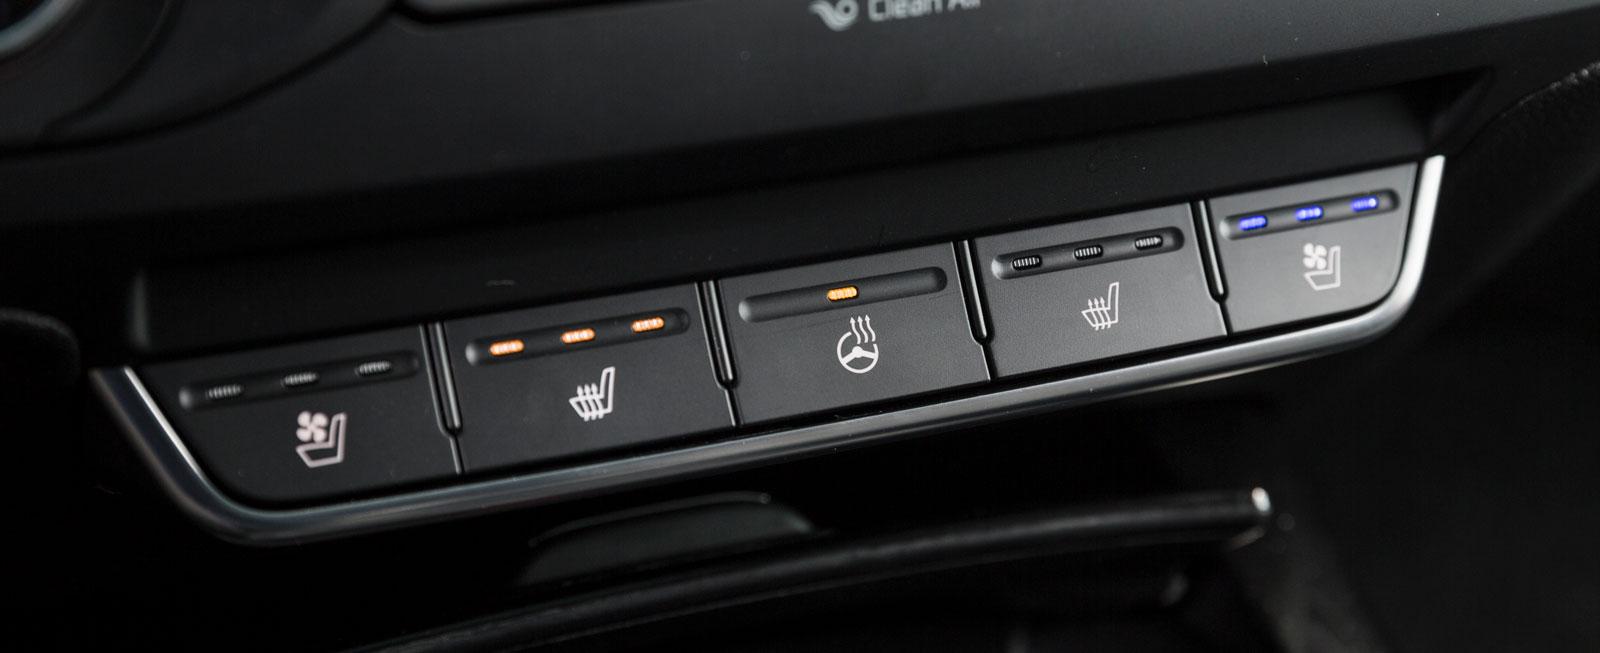 Rattvärme ingår i alla tre testbilarna. Kias sköts med en enkel knapp på panelen, där också elvärmen och -kylan i stolarna hanteras.